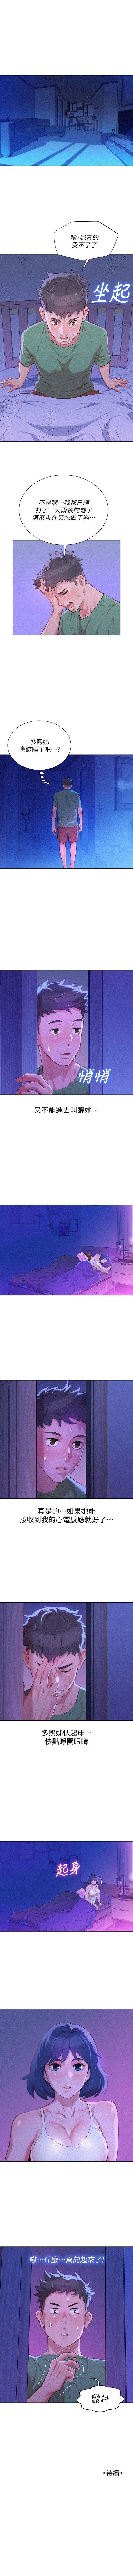 (周7)漂亮干姐姐  1-81 中文翻译 (更新中) 199